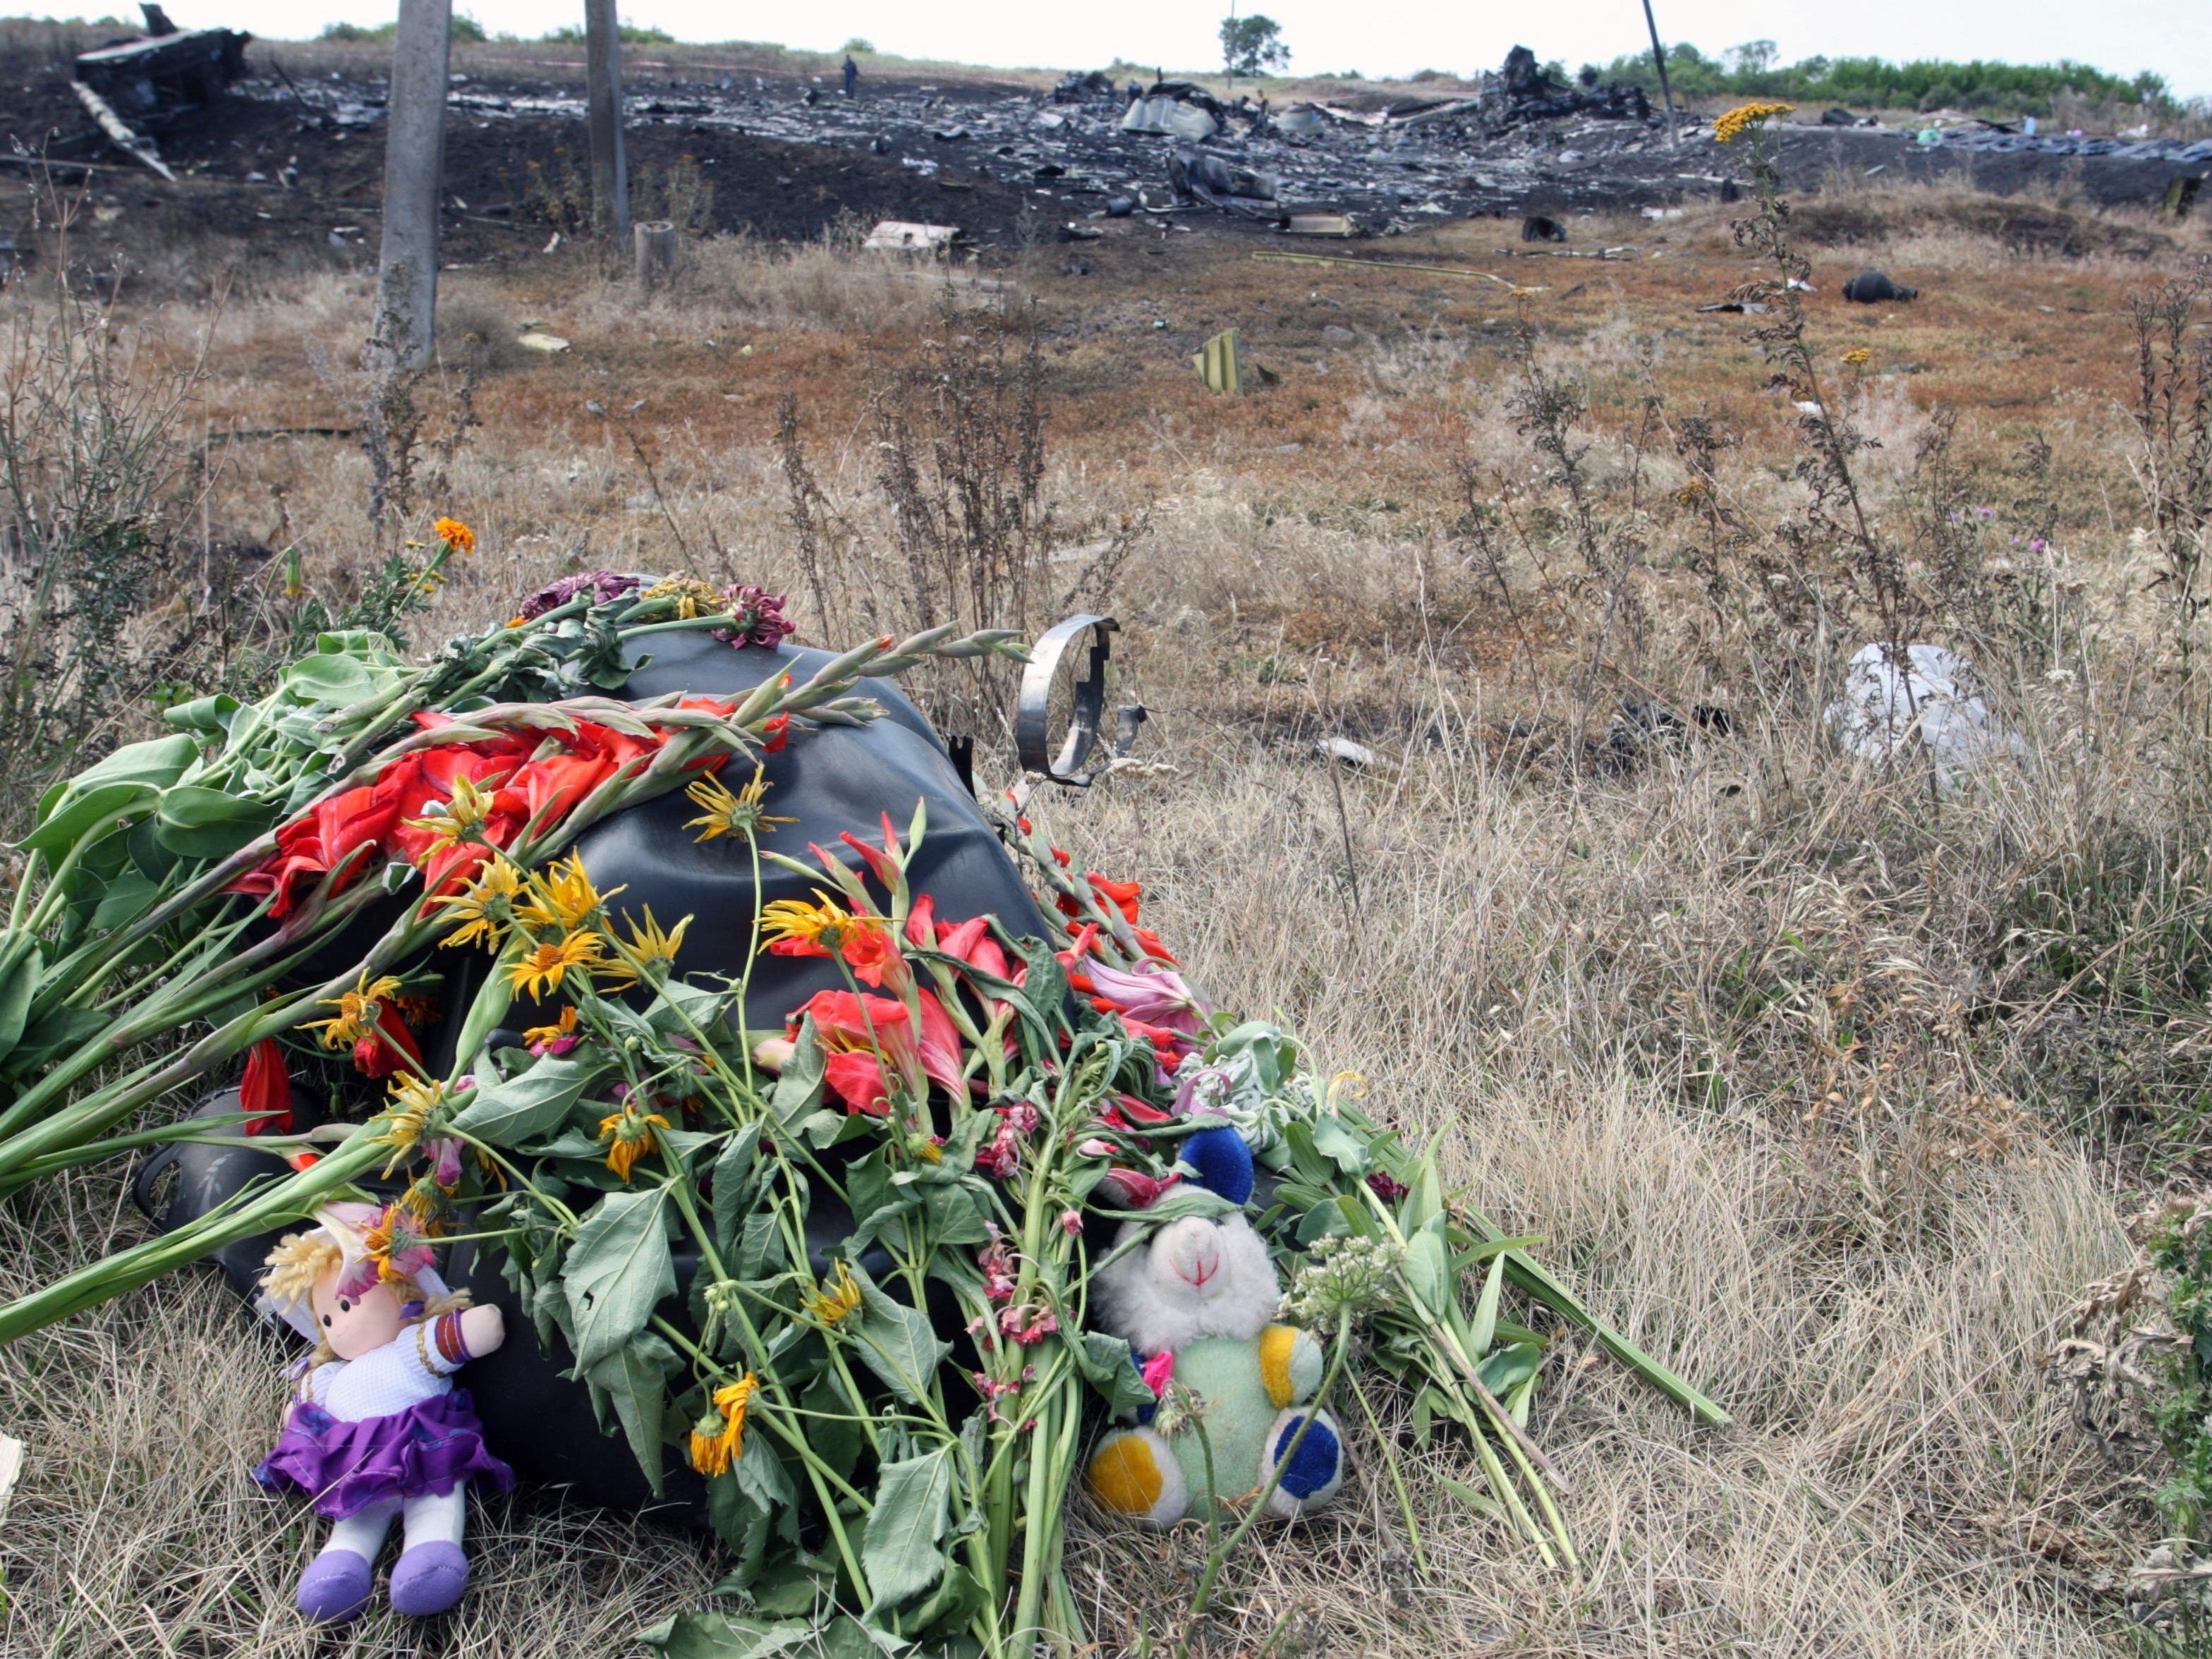 Der MH17-Absturz und die Medien: Wo liegen die Grenzen?